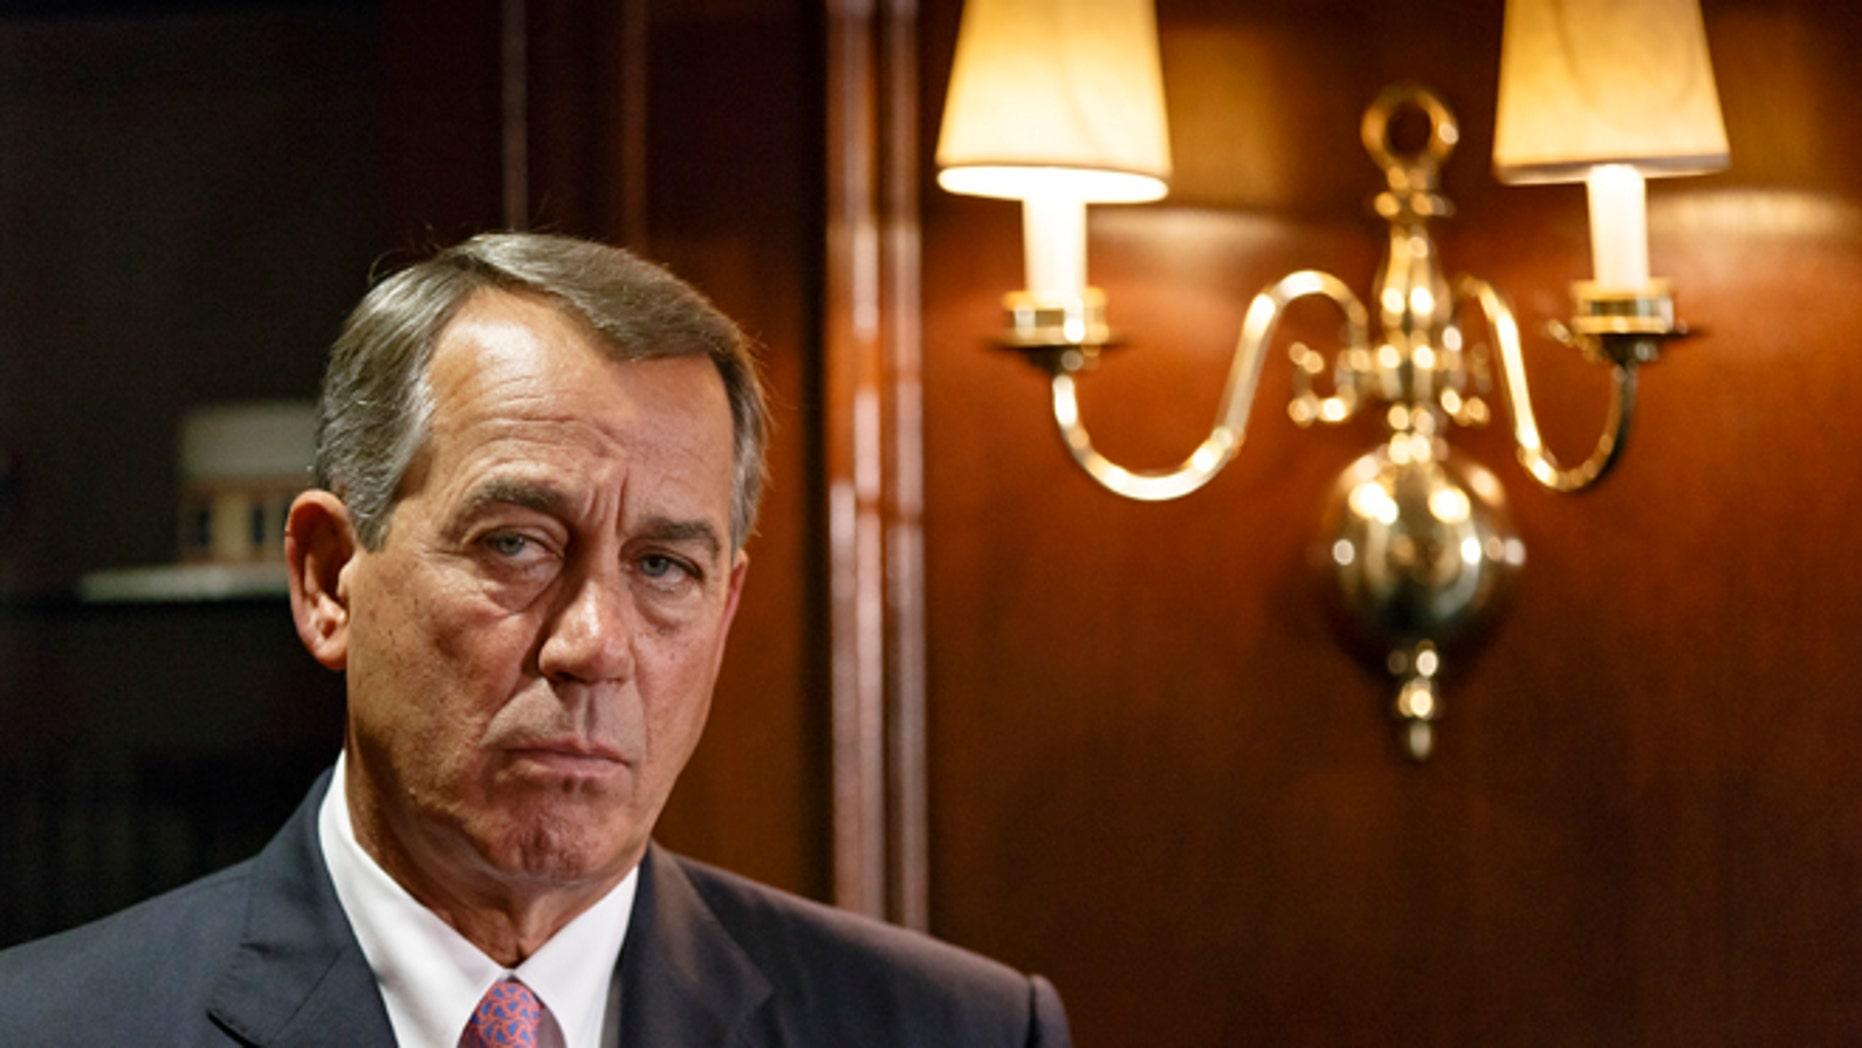 House Speaker John Boehner on Capitol Hill in Washington, Tuesday, April 29, 2014.